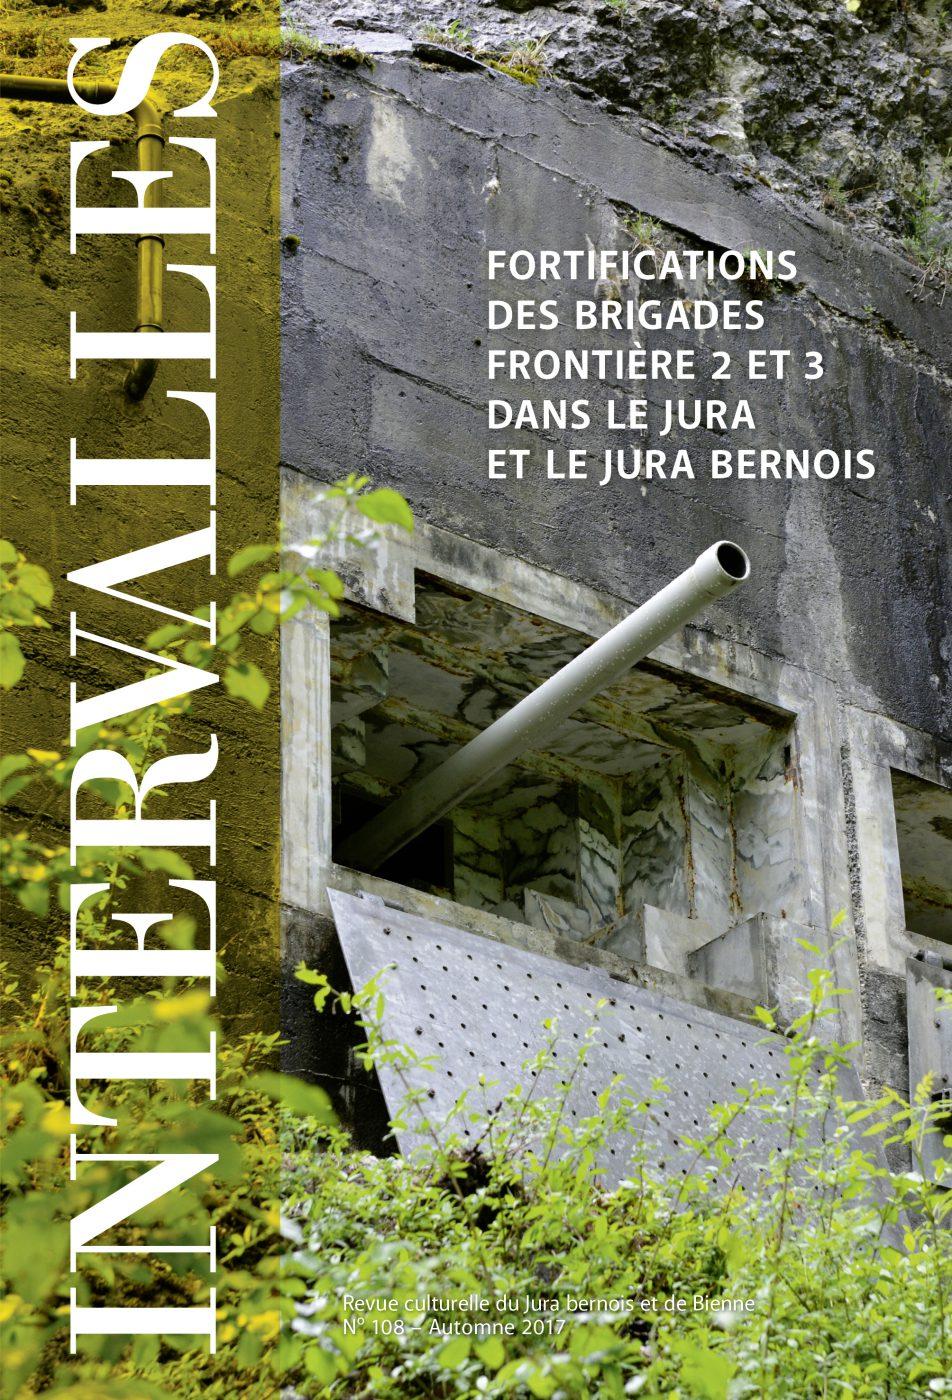 No 108 – Fortifications des brigades frontière 2 et 3 dans le Jura et le Jura bernois